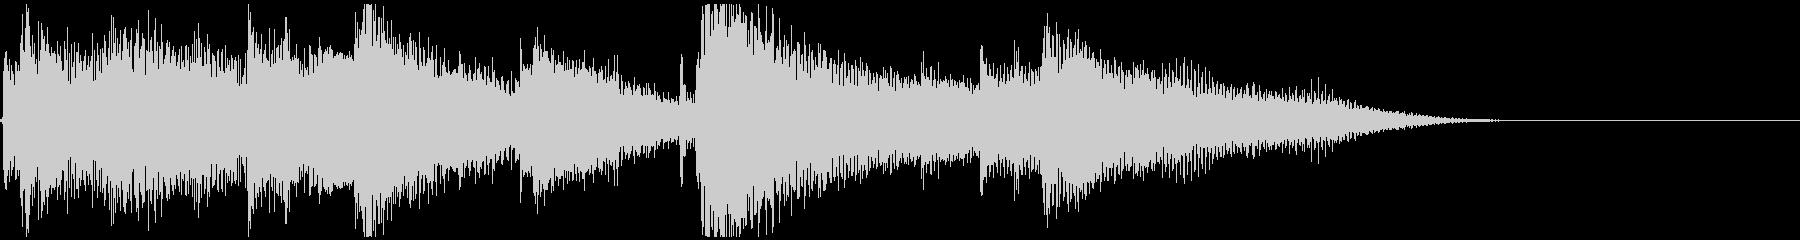 CM,エンディング風ボサノバギターの未再生の波形